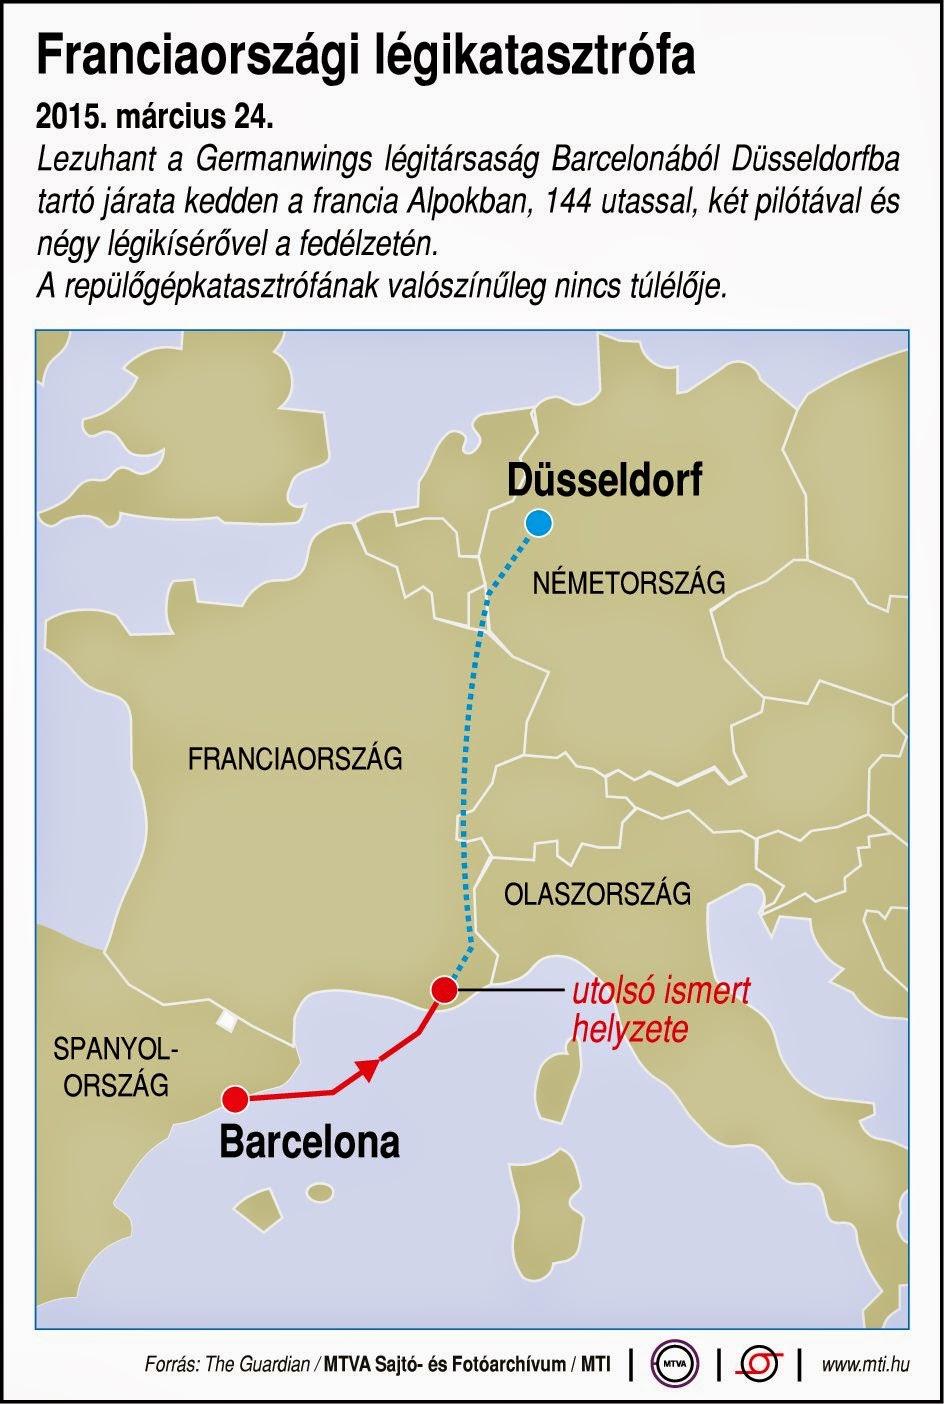 Franciaország, Germanwings, Germanwings 9525, repülőgép baleset, légikatasztrófa, Germanwings crash